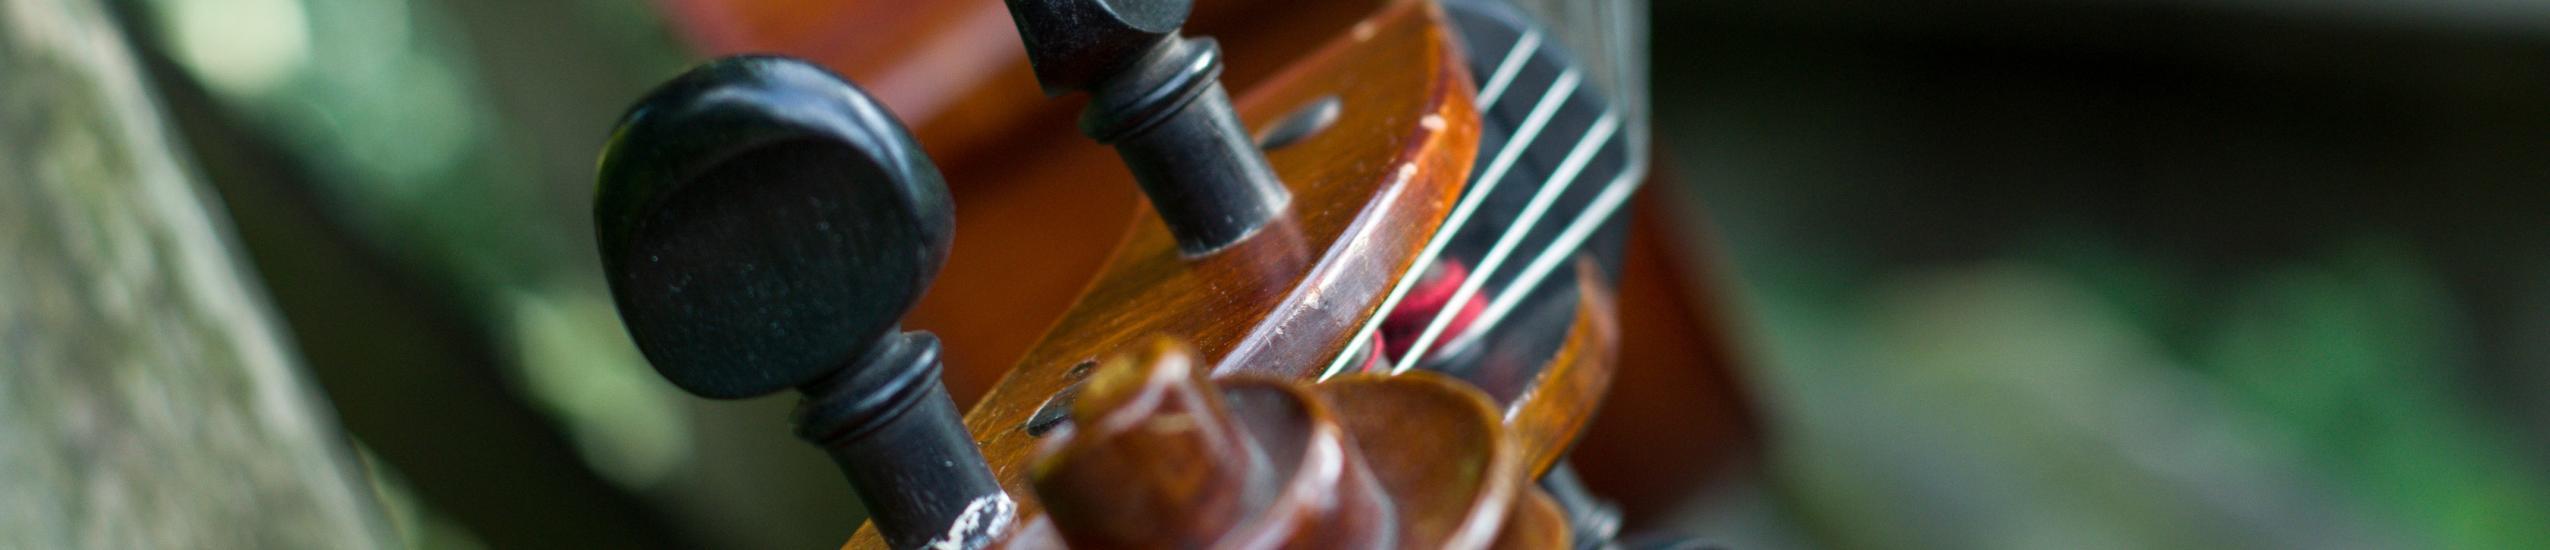 Iscrizione ai licei musicali e coreutici e alle sezioni a indirizzo sportivo dei licei scientifici